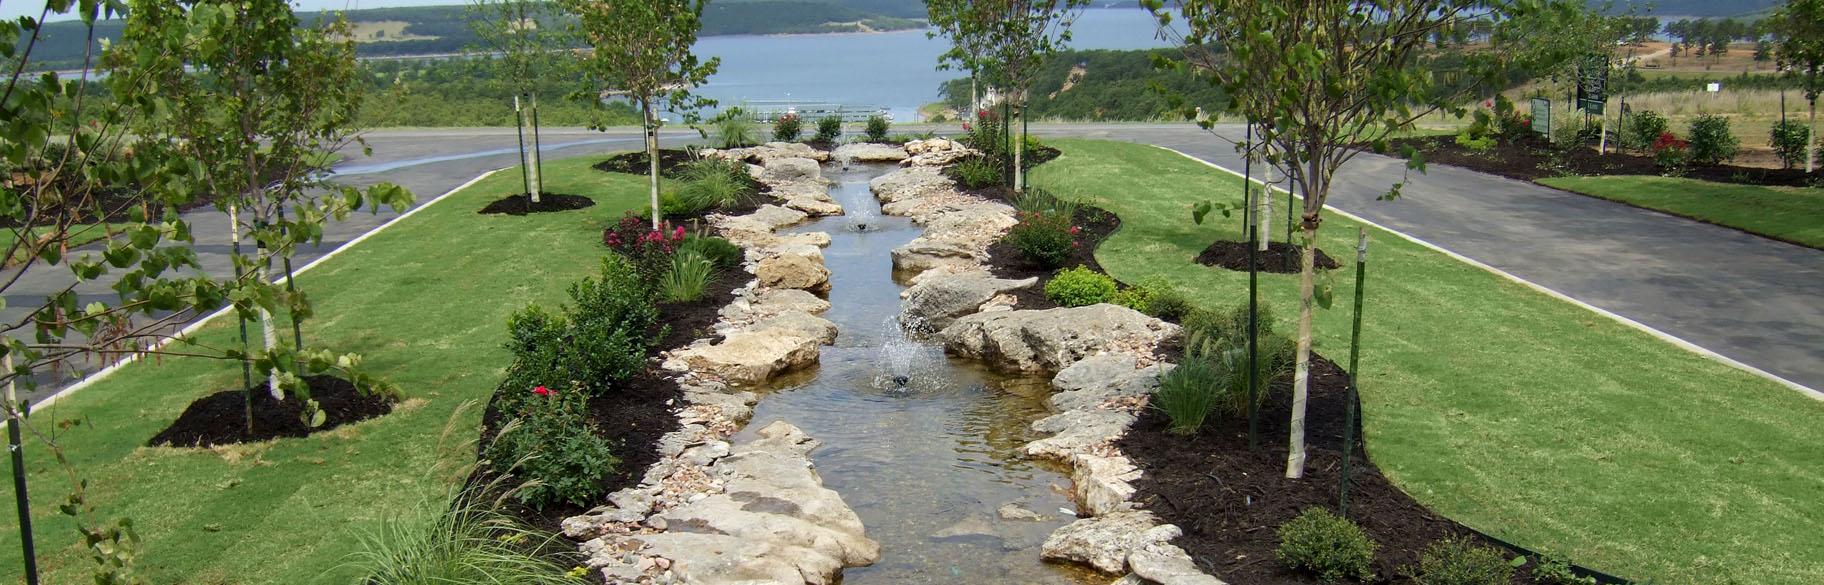 Tulsa Landscape Design | Tulsa Landscape Development ... on Outdoor Living And Landscapes id=56308